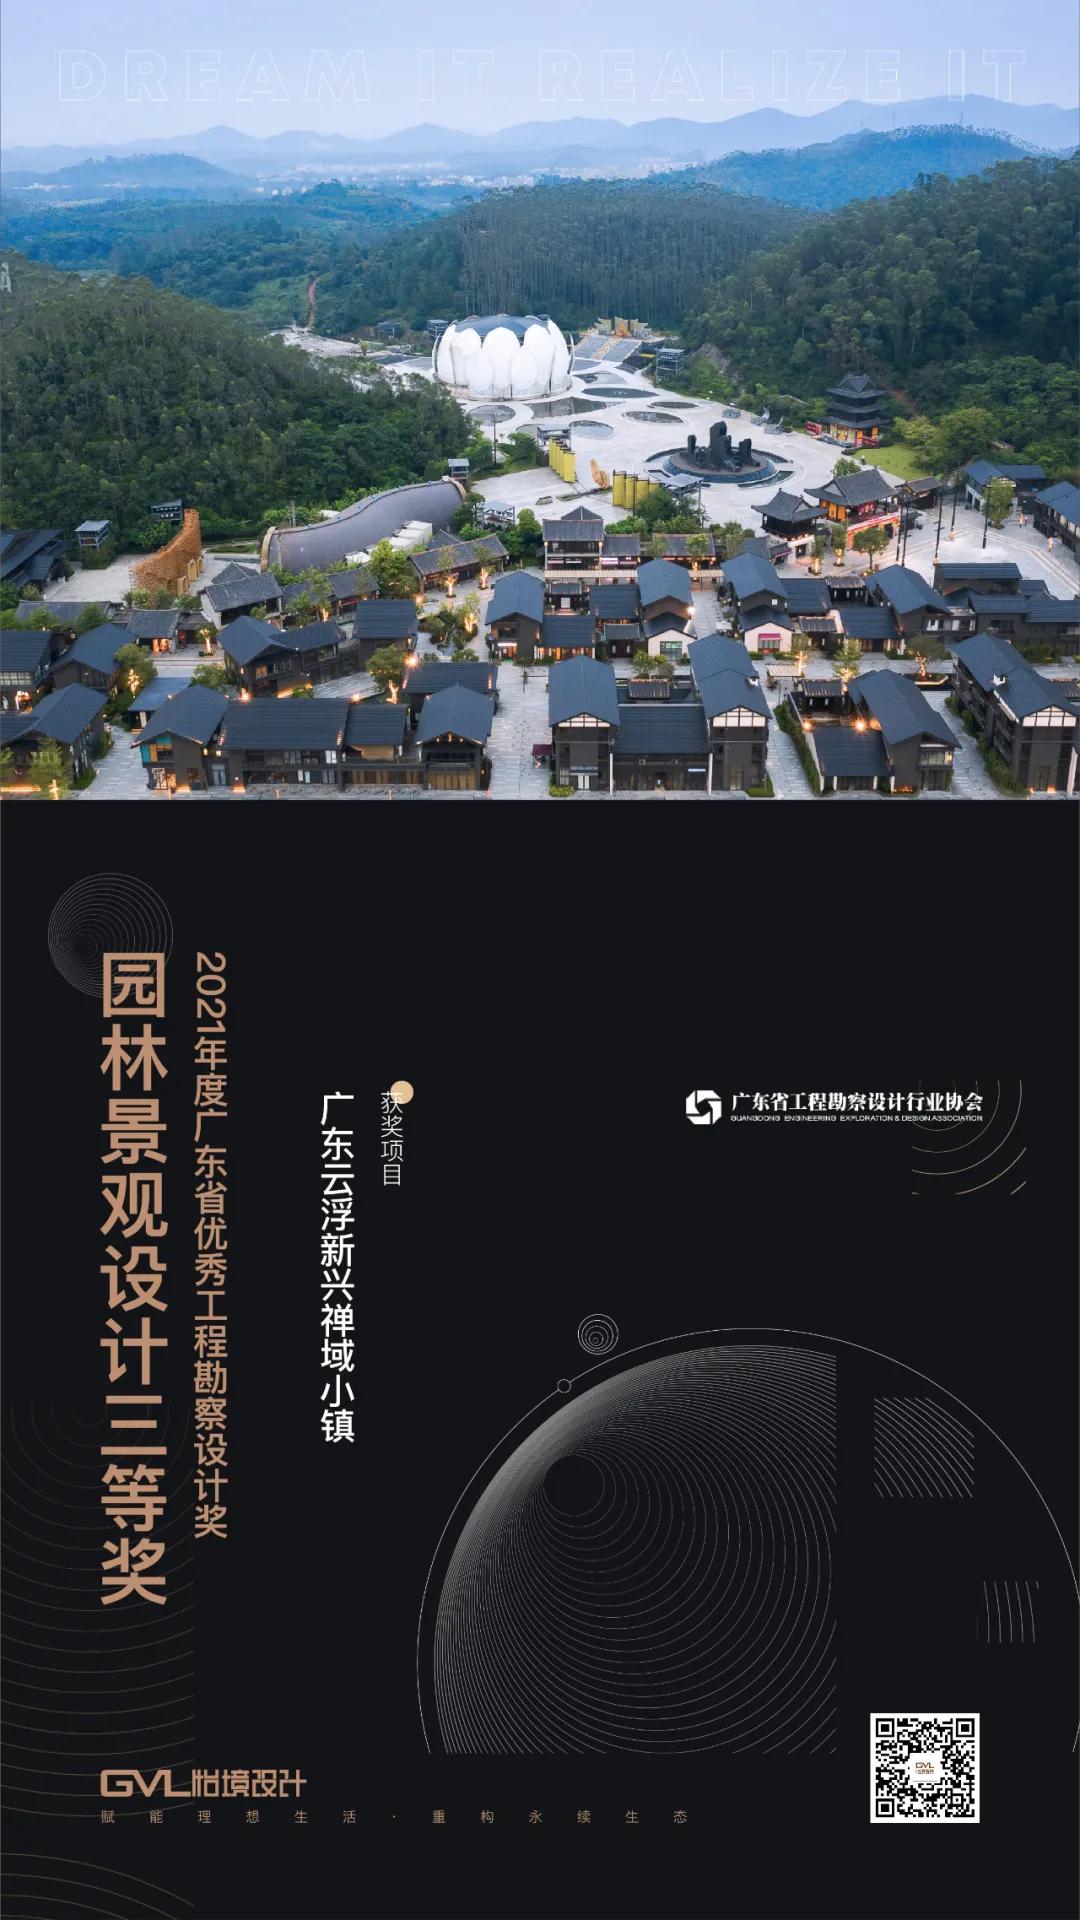 喜讯 | 怡境荣获2021年度广东省优秀工程勘察设计奖